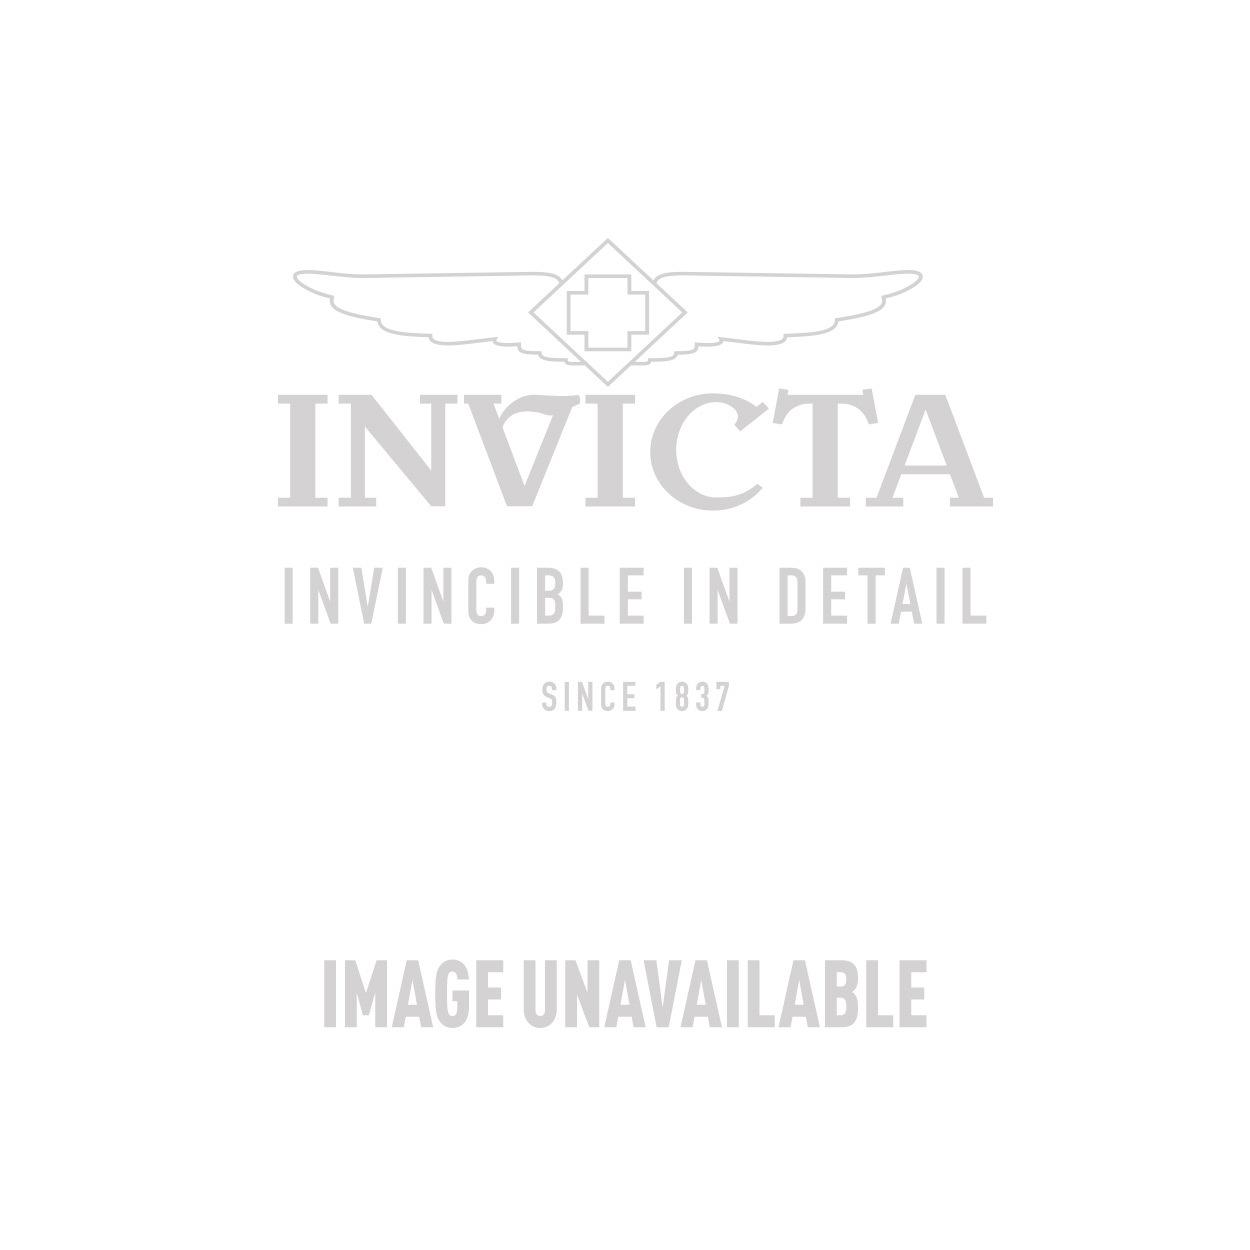 Invicta Model 27995